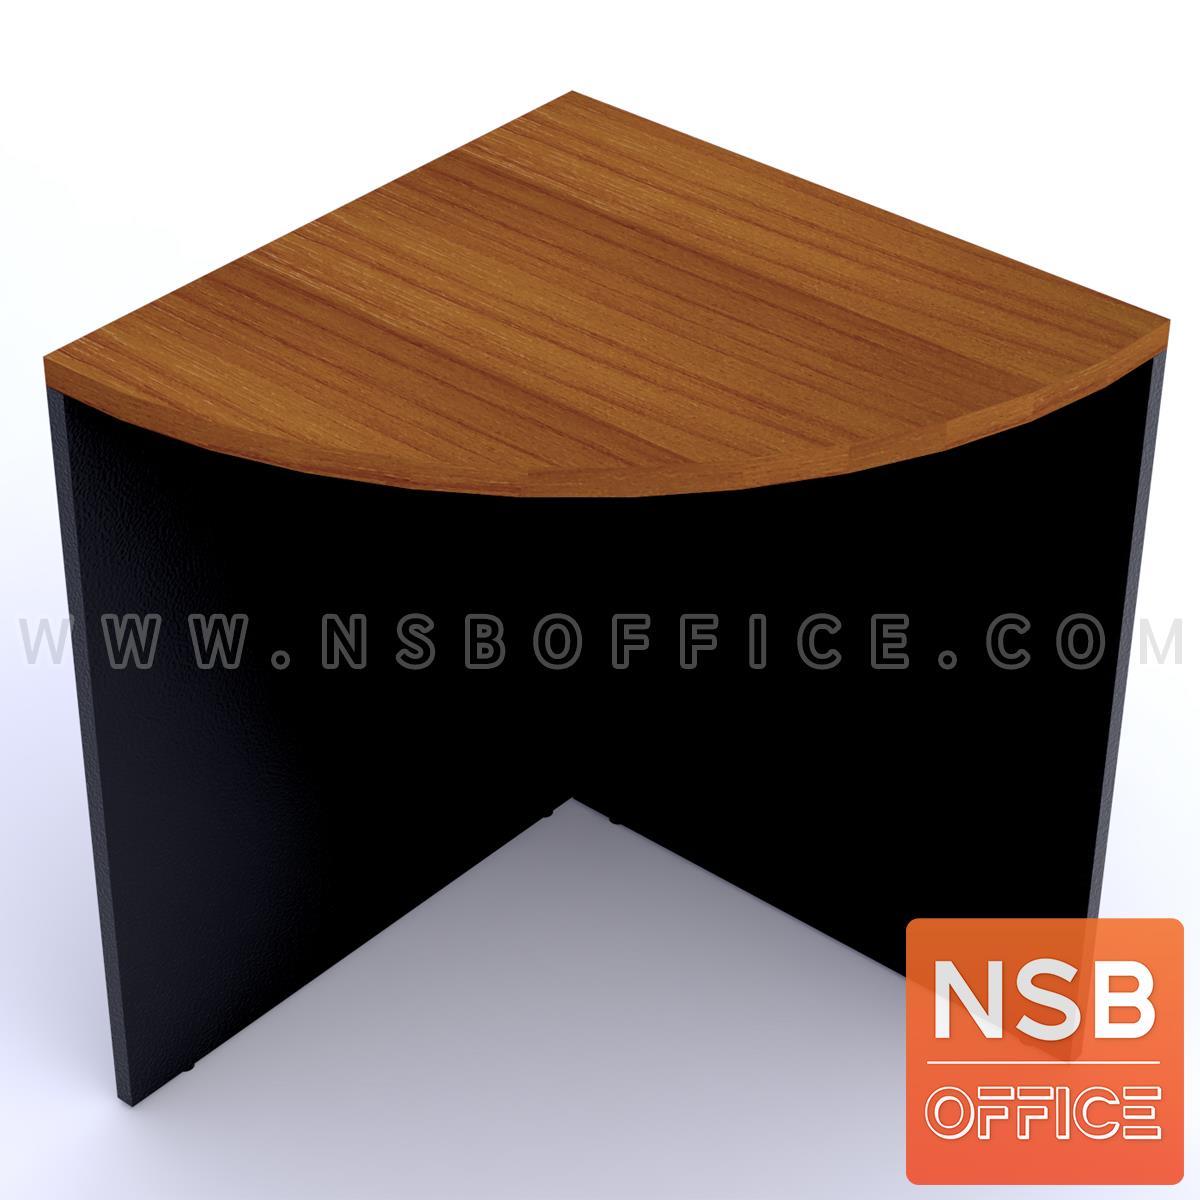 A05A004:โต๊ะเข้ามุมทรงโค้ง รุ่น Sky-02 ขนาด R60 cm.  เมลามีน